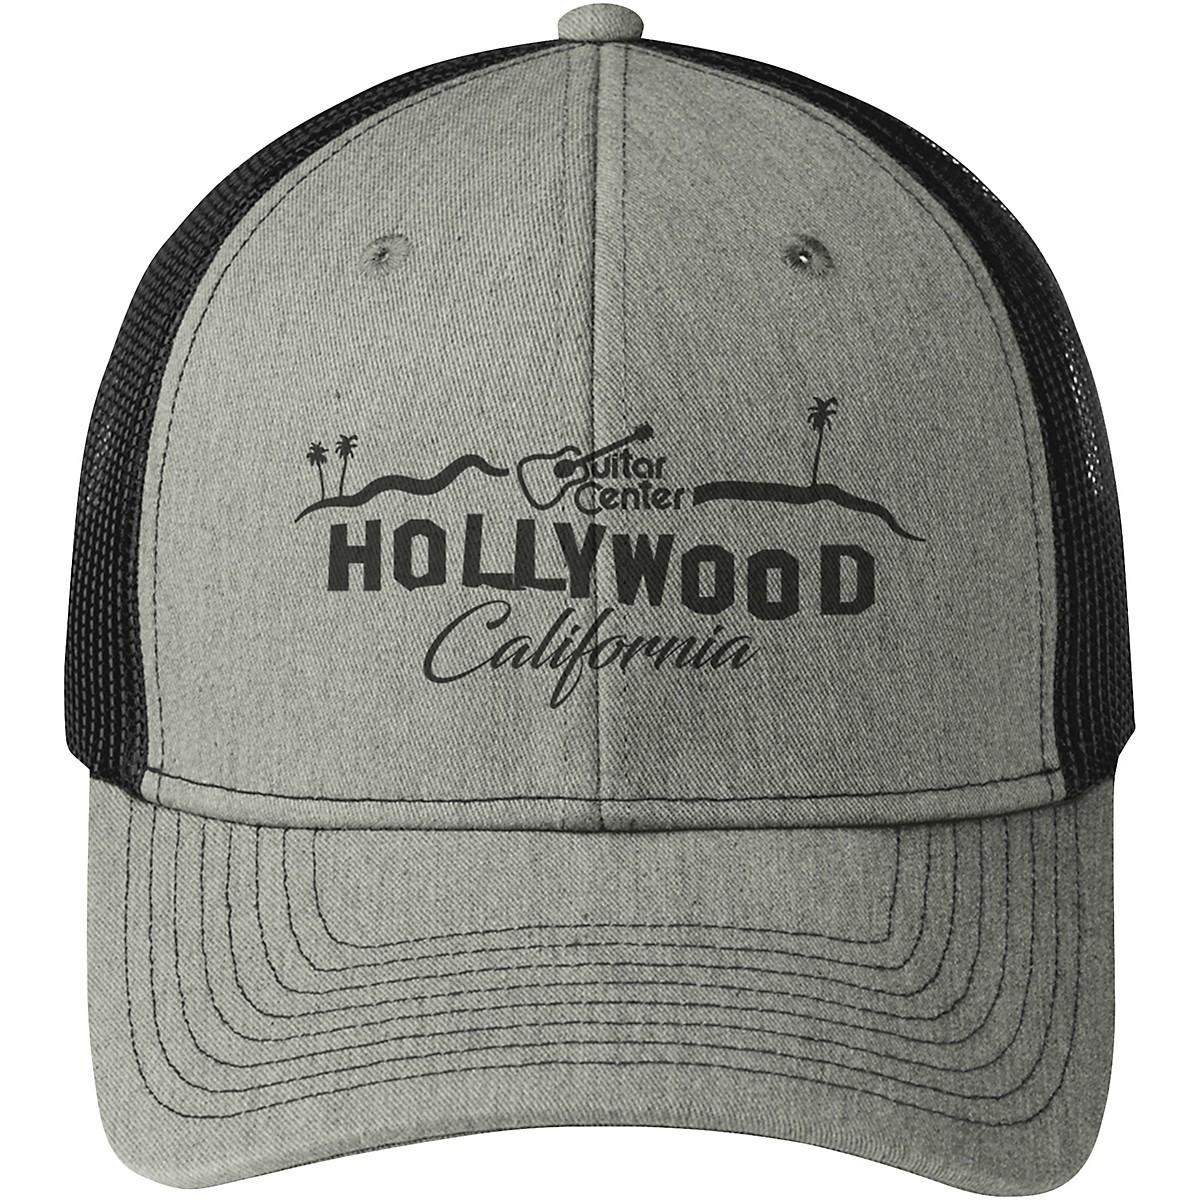 Guitar Center Hollywood Snapback Trucker Cap